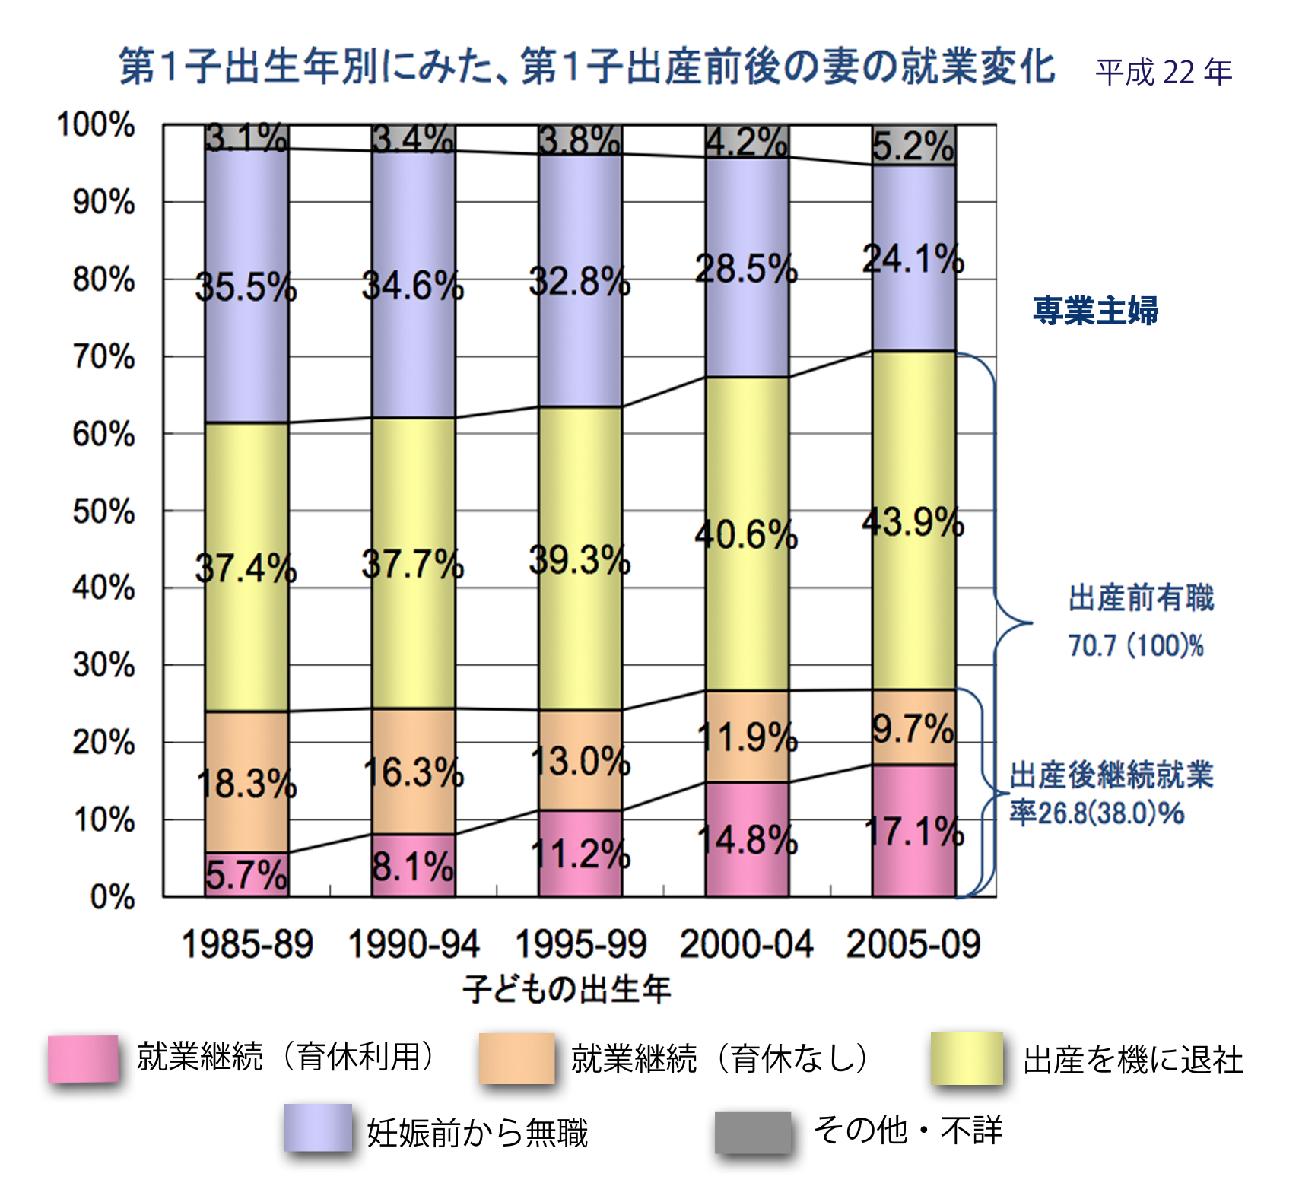 マネセツ161(岩城)専業主婦の労働対価/図②